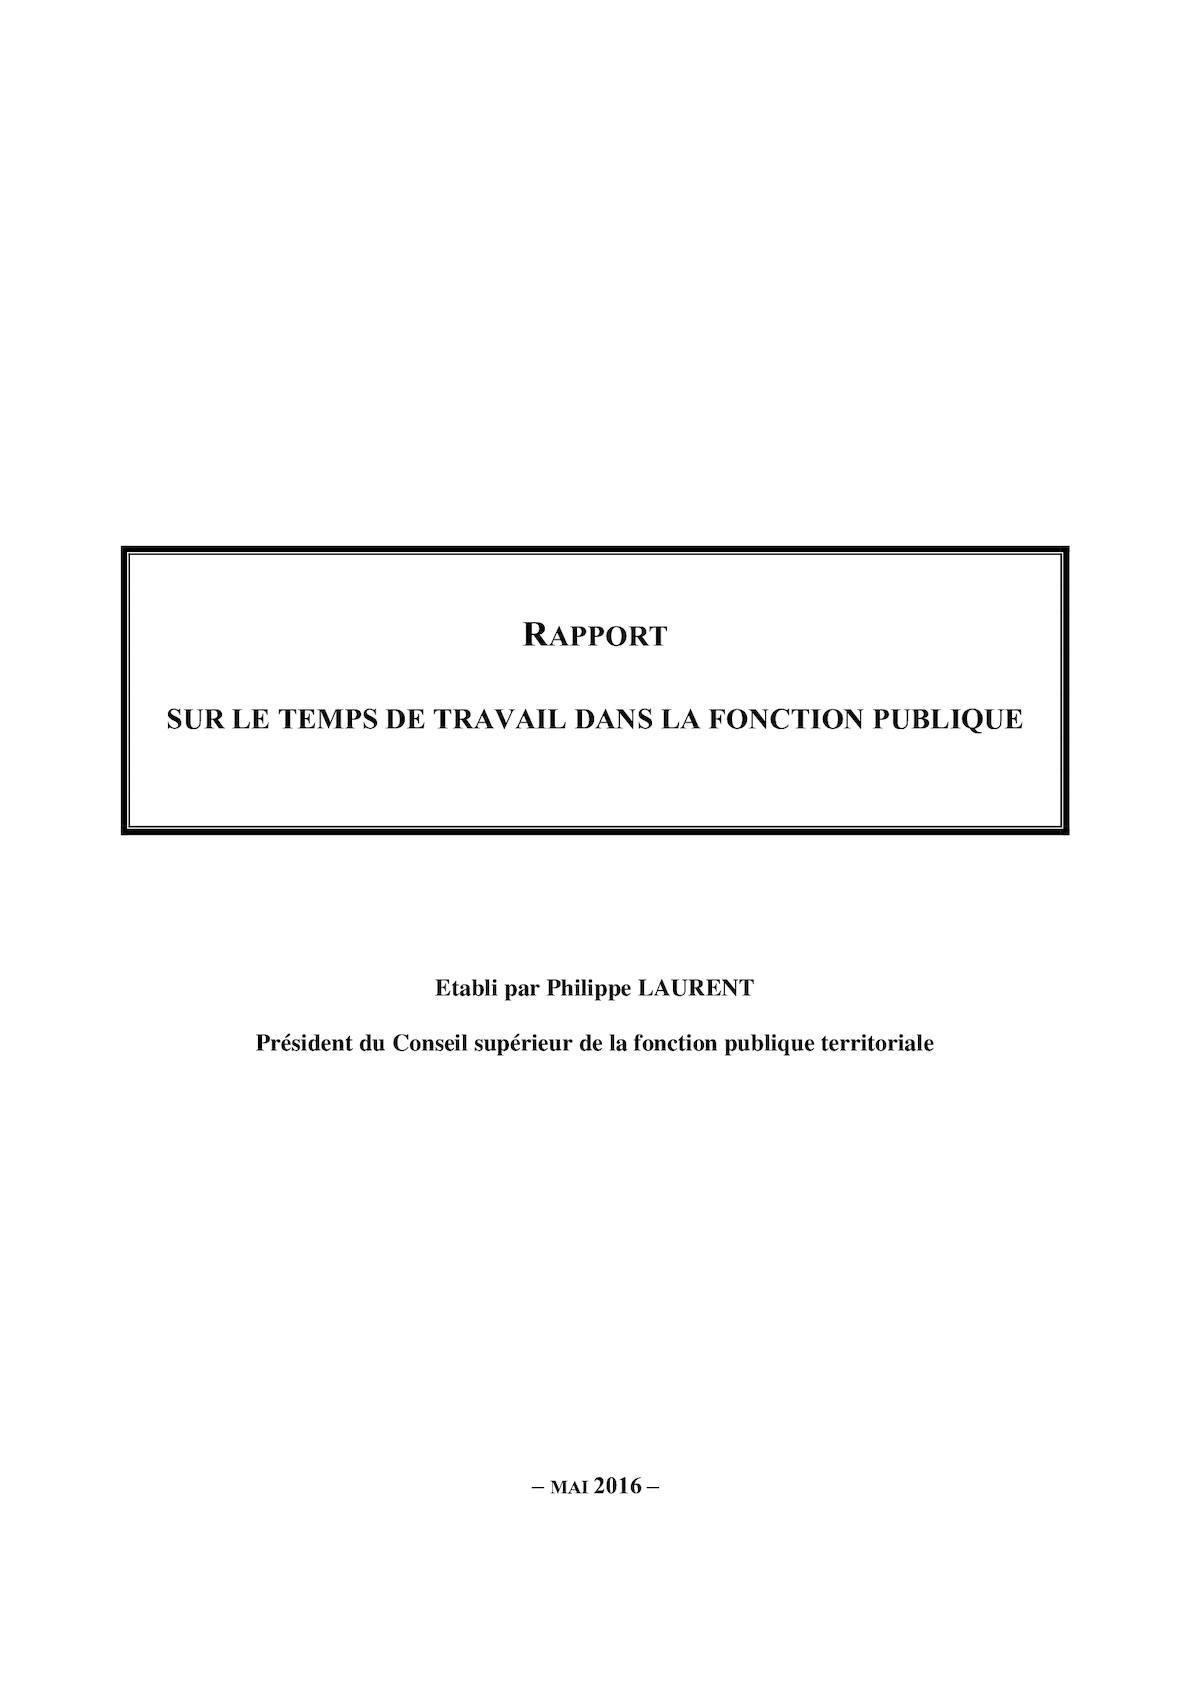 5c33e5a1bbc Calaméo - Rapport sur le temps de travail dans la fonction publique